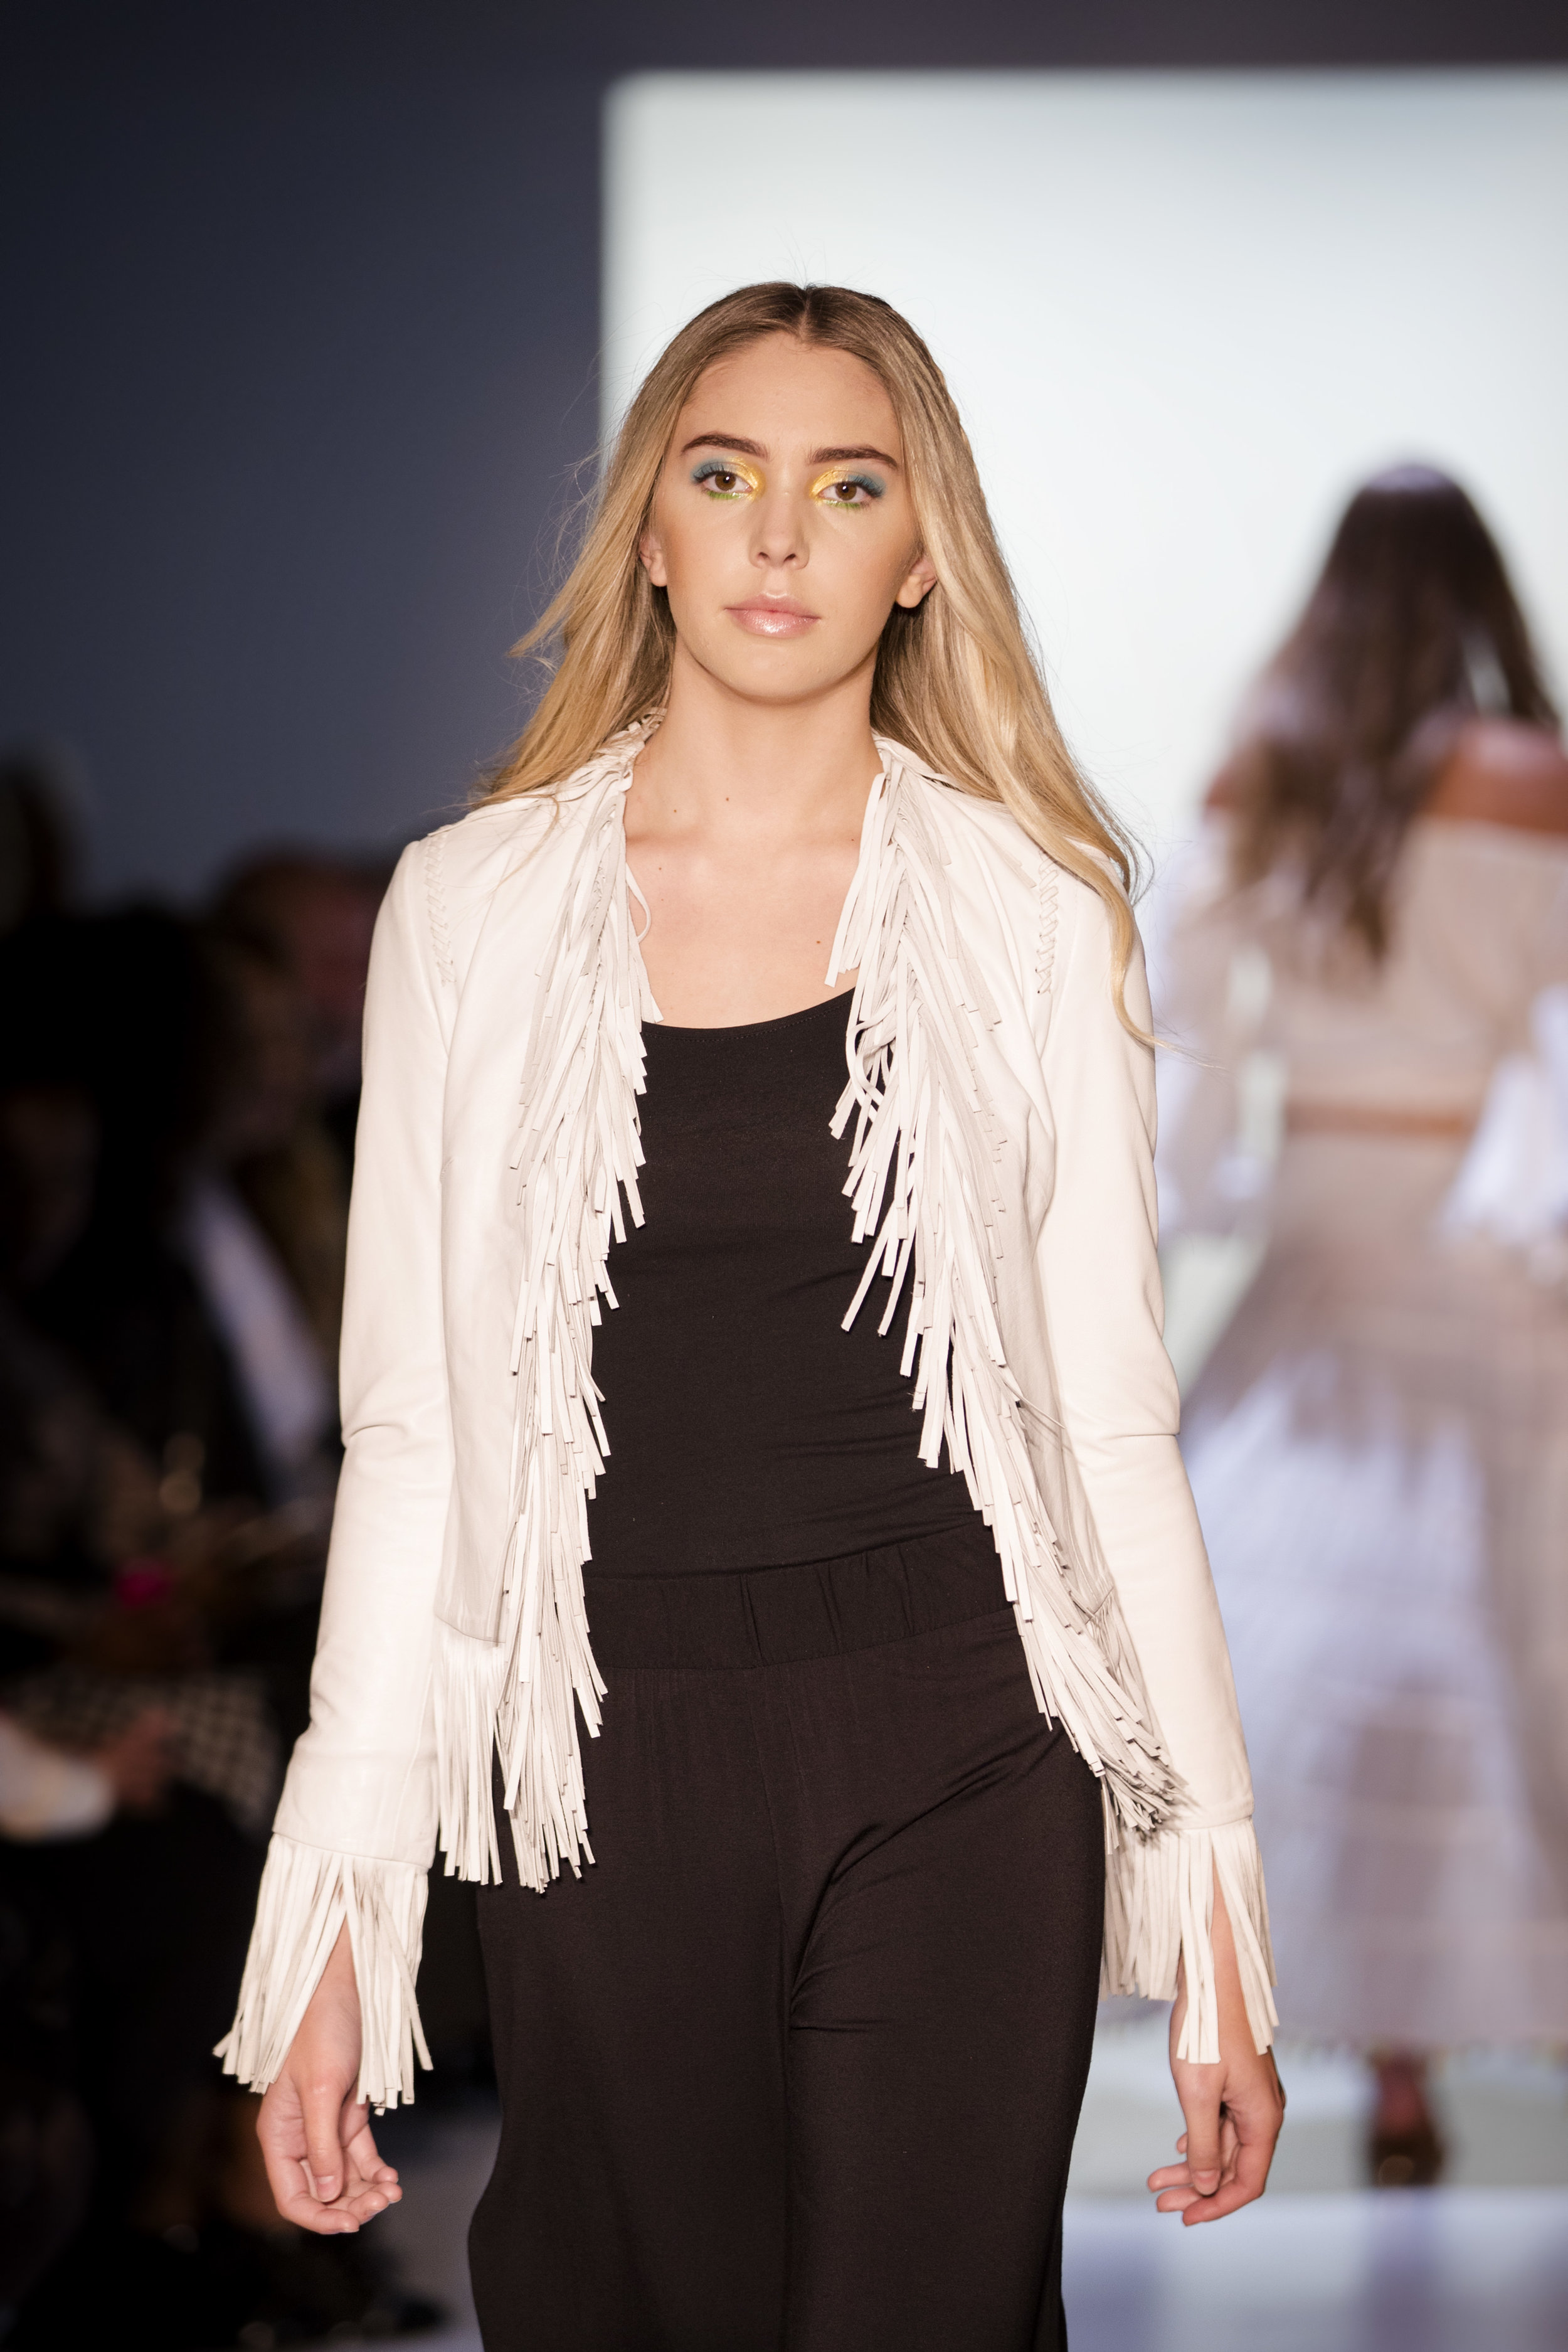 Massif Fashion Week 2017 Day 3 Gypset Girl - 024.jpg